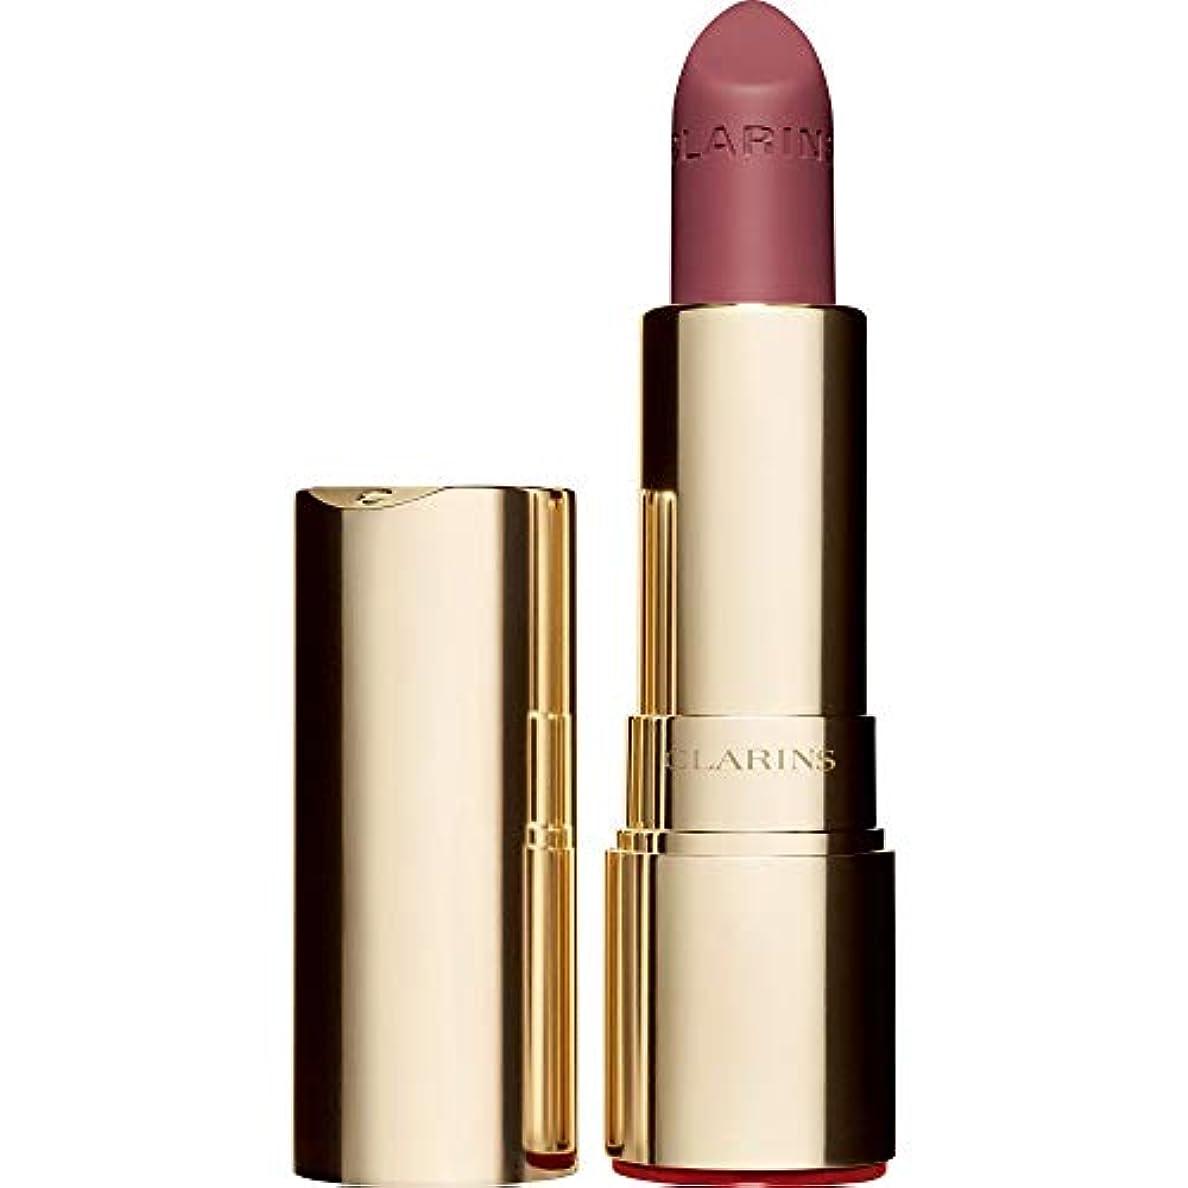 発送提案するイデオロギー[Clarins] クラランスジョリルージュベルベットの口紅3.5グラムの731V - ベリーローズ - Clarins Joli Rouge Velvet Lipstick 3.5g 731V - Rose Berry...